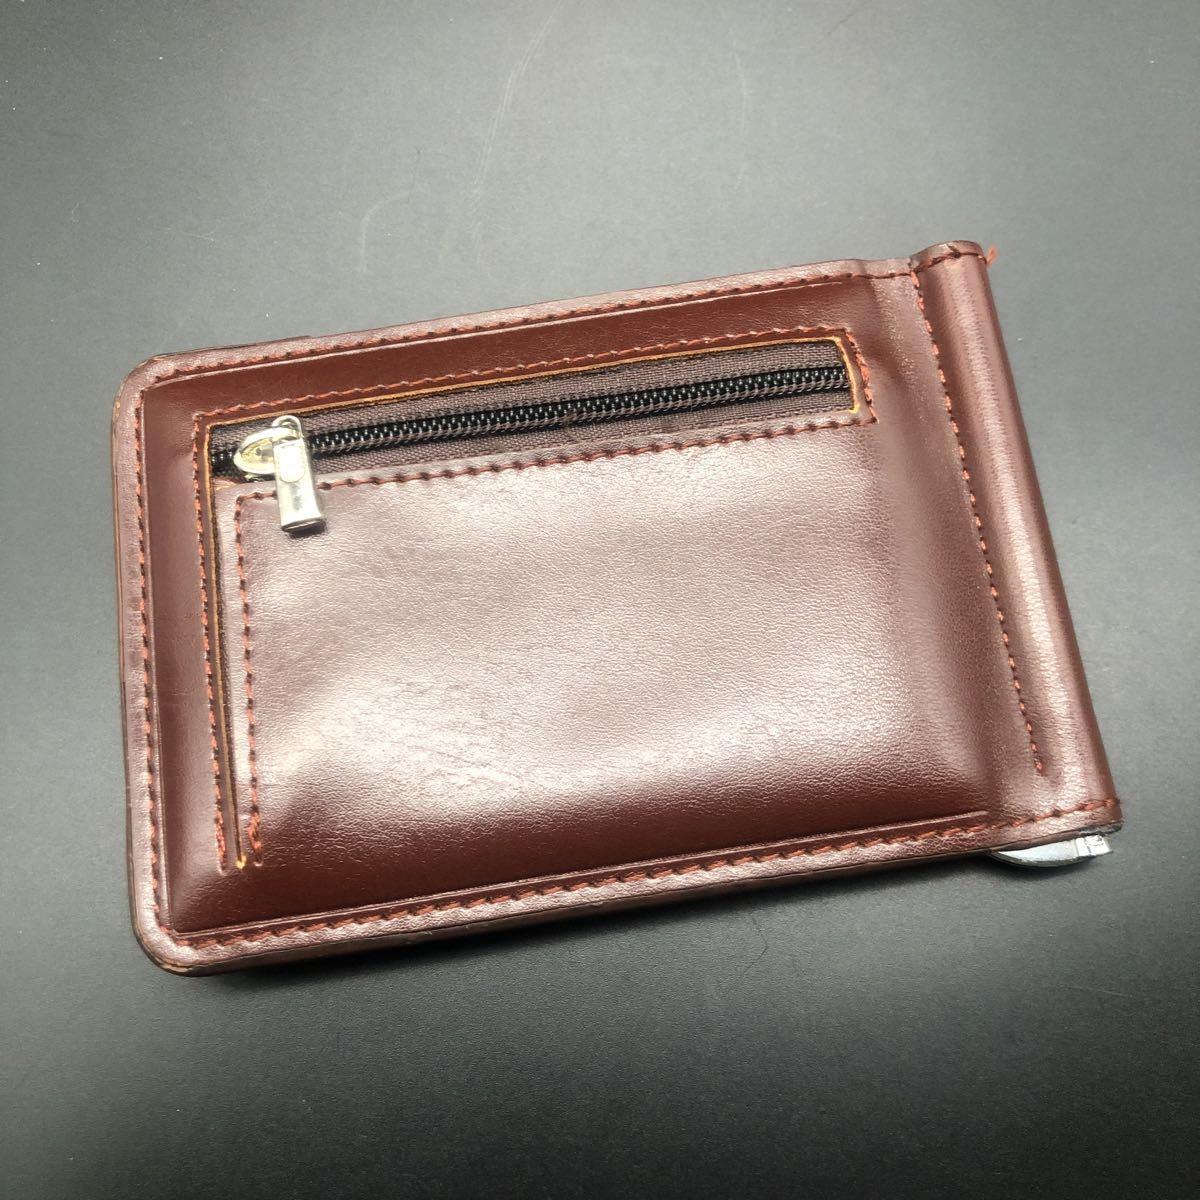 即決 baellerry 財布 マネークリップ 小銭入れ パスケース_画像2